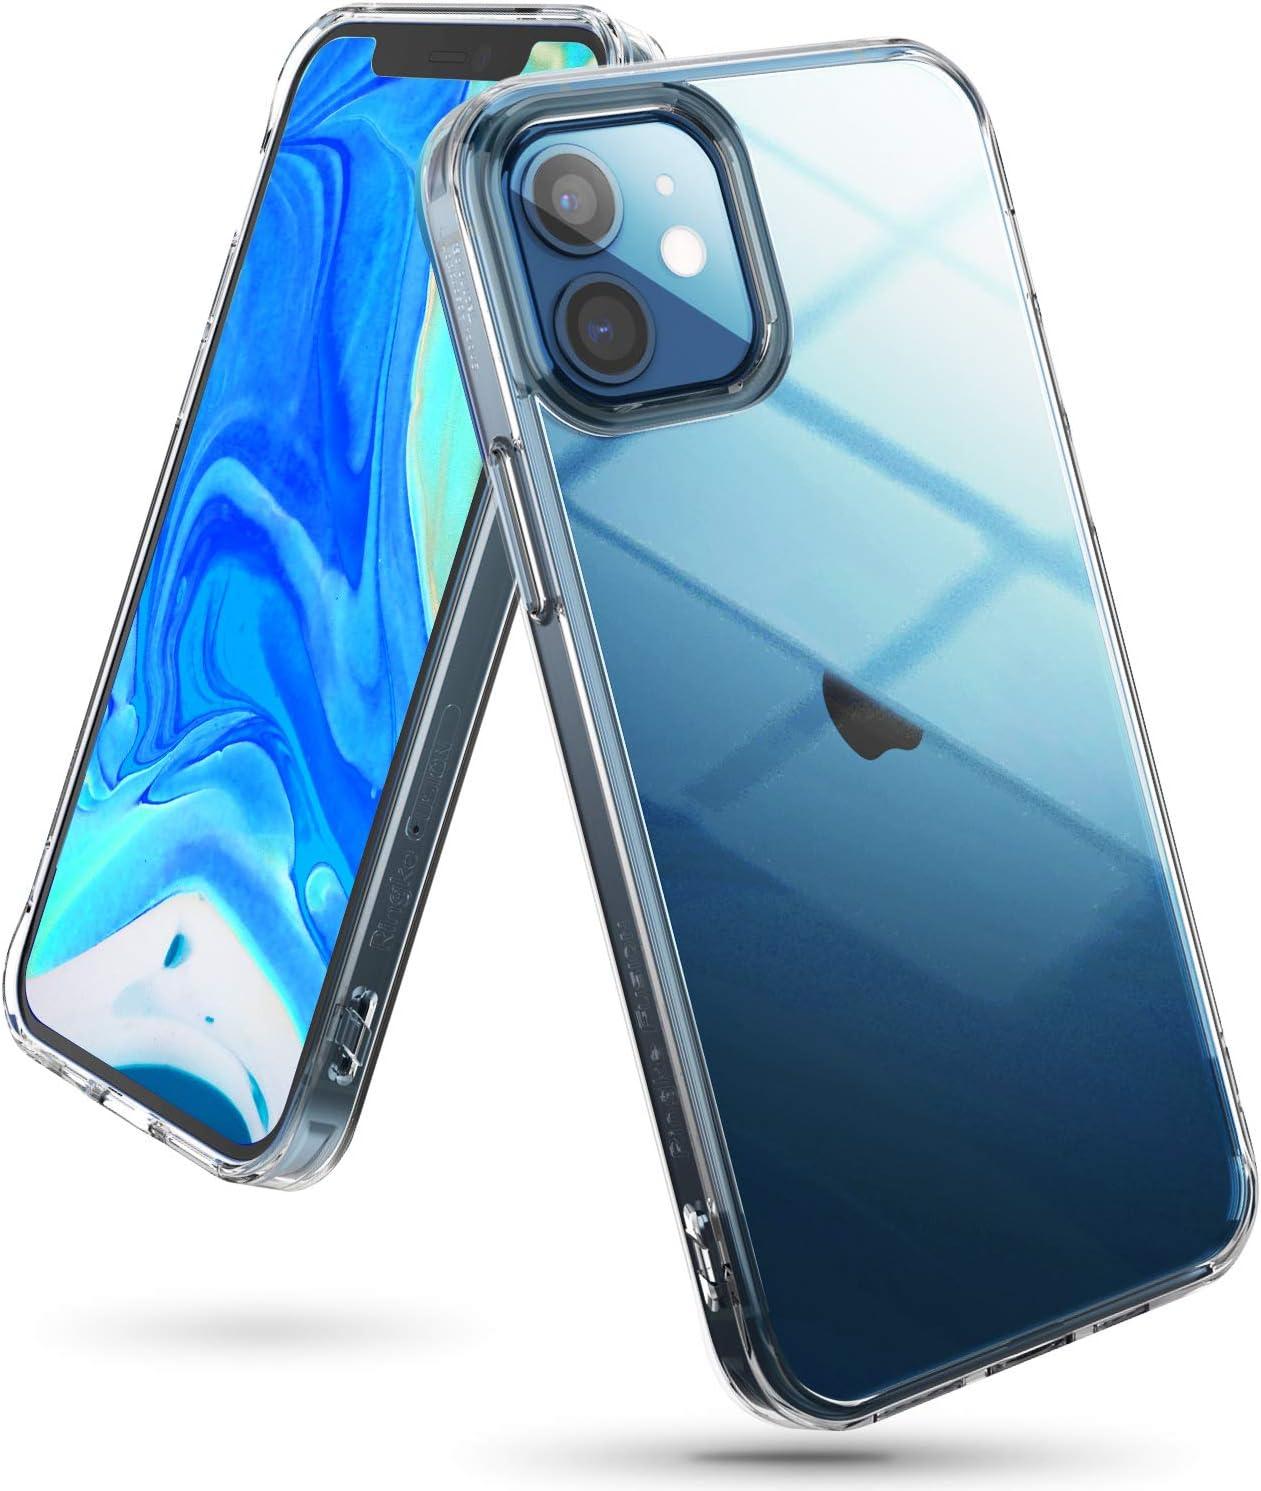 Ringke Funda Fusion Compatible con iPhone 12 y Compatible con iPhone 12 Pro (6,1 Pulgadas), Transparente Fina Slim Carcasa Parachoque TPU - Clear